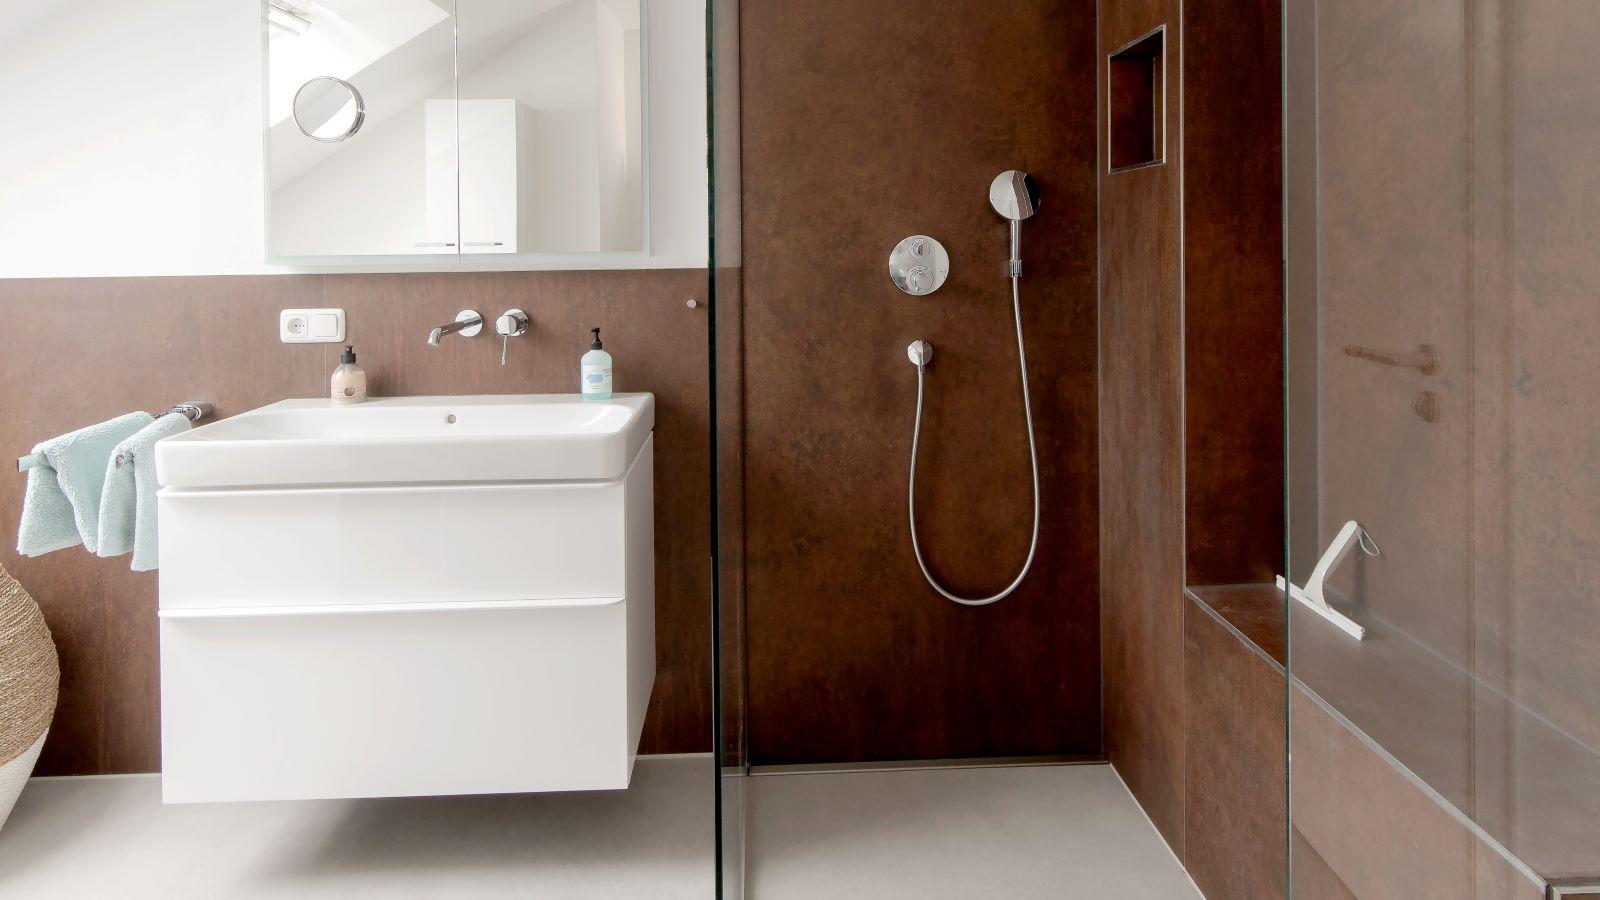 Abgebildet ist eine walk-in-dusche mit der schmalen V4a-edelstahl-duschrinne-pro-als ebenerdiger bodenablauf. Die schmale schlitzduschrinne duschrinne pro hat eine sehr hohe ablaufleistung von ca. 1 l/s. Sie sorgt für eine sehr gute entwaesserung der barrierefreien dusche.